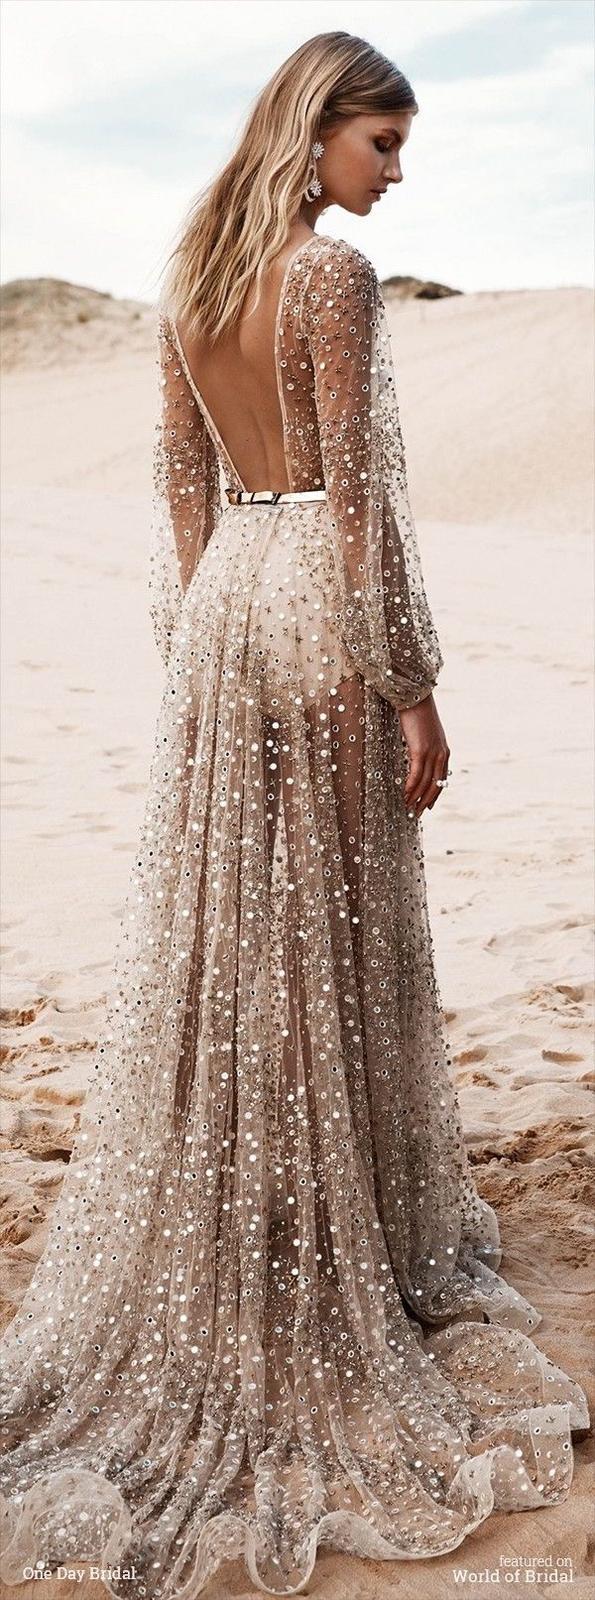 Nápady na méně tradiční svatební šaty - Obrázek č. 2